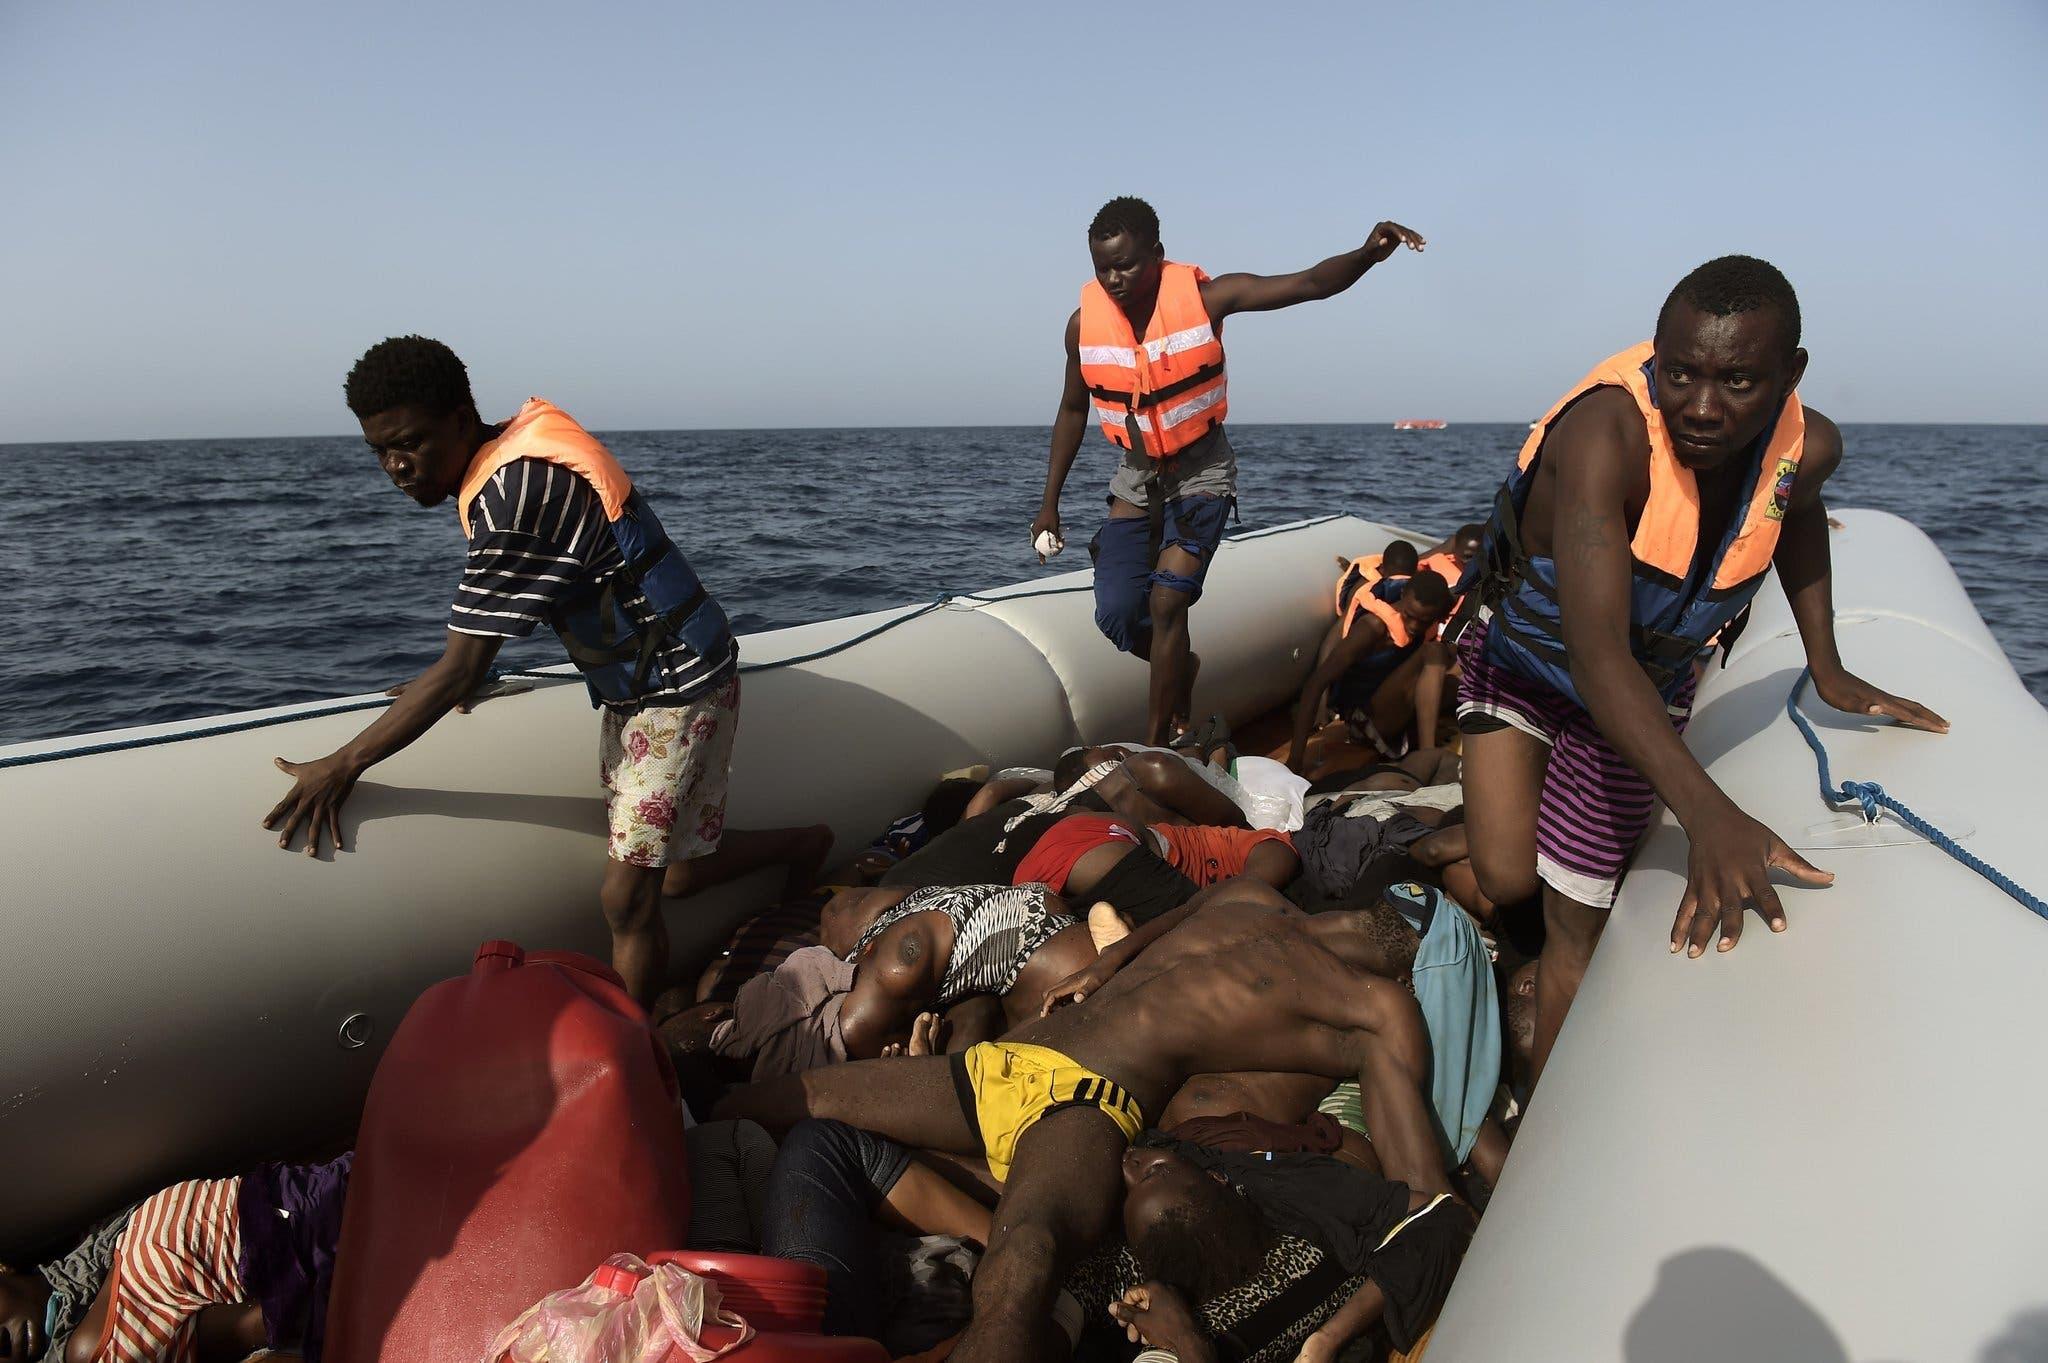 مأساة سابقة للمهاجرين في المتوسط